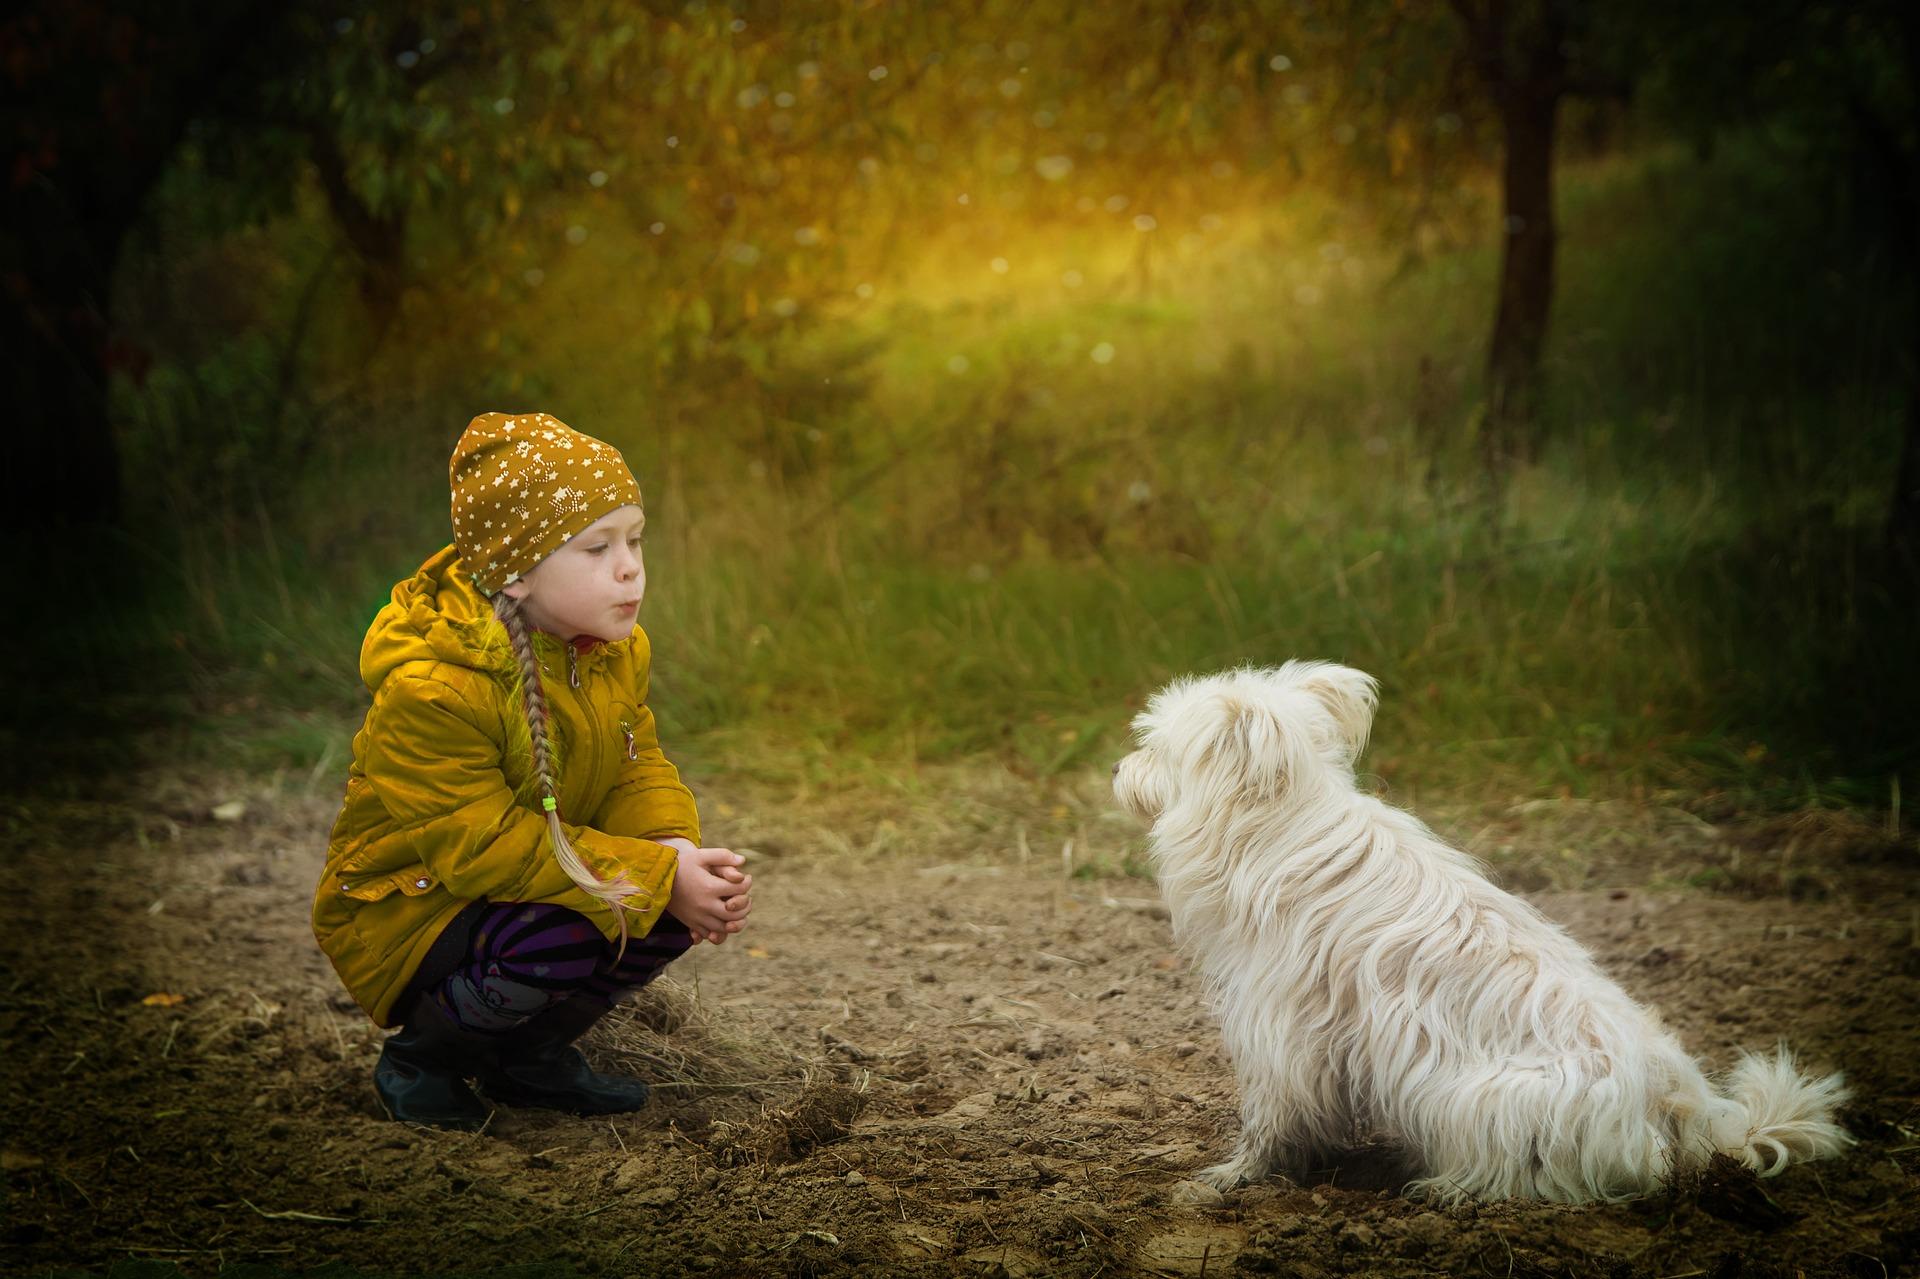 friendship-2939535_1920